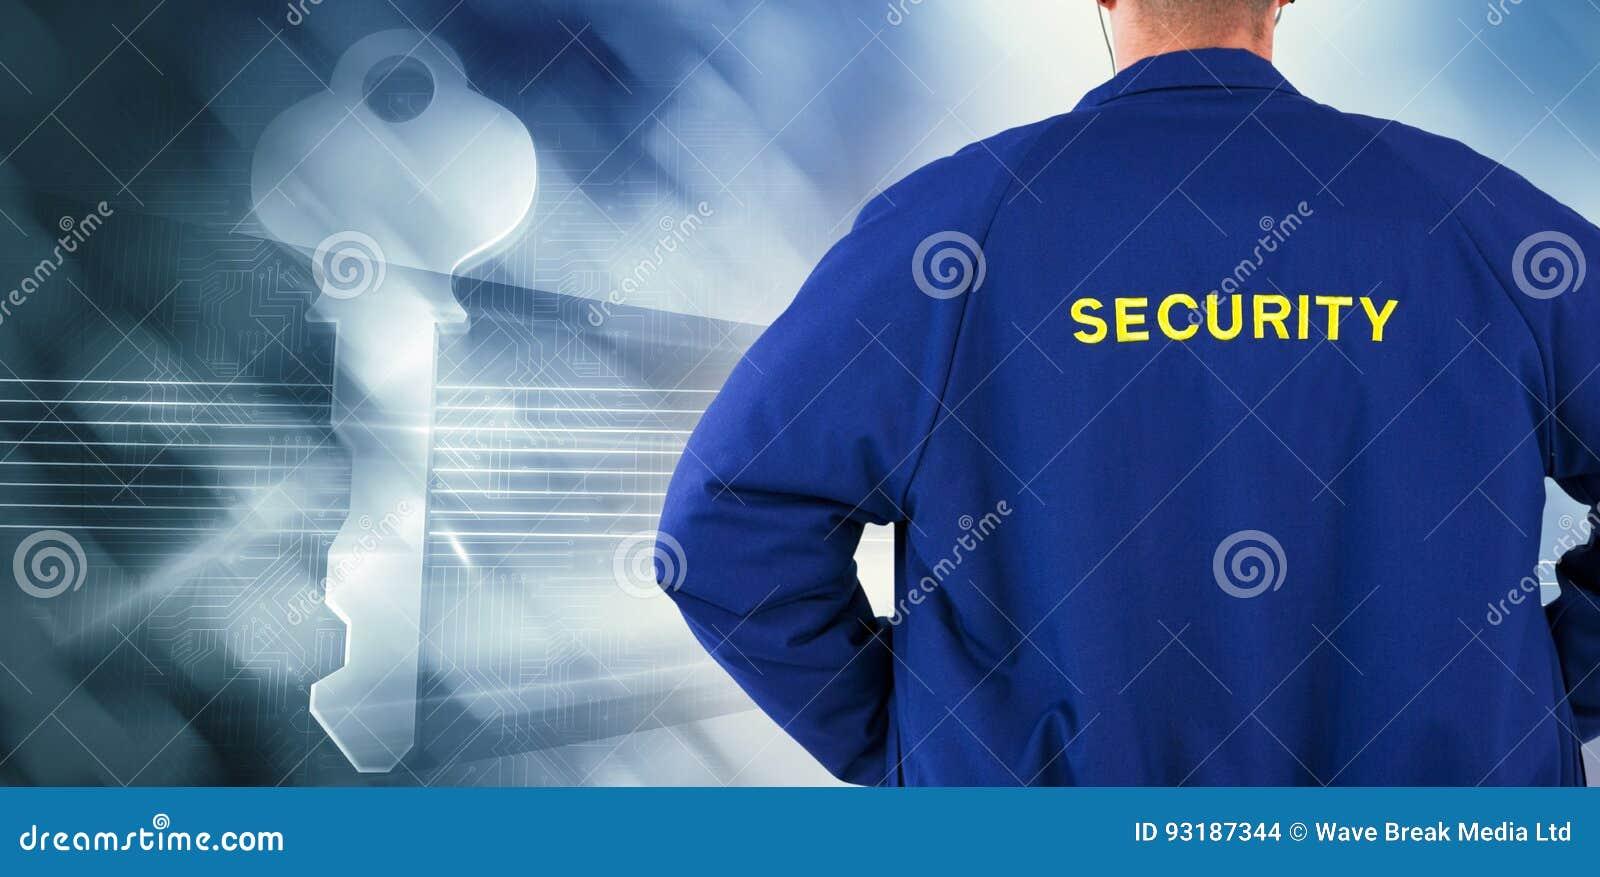 Immagine composita della retrovisione del funzionario di sicurezza in uniforme